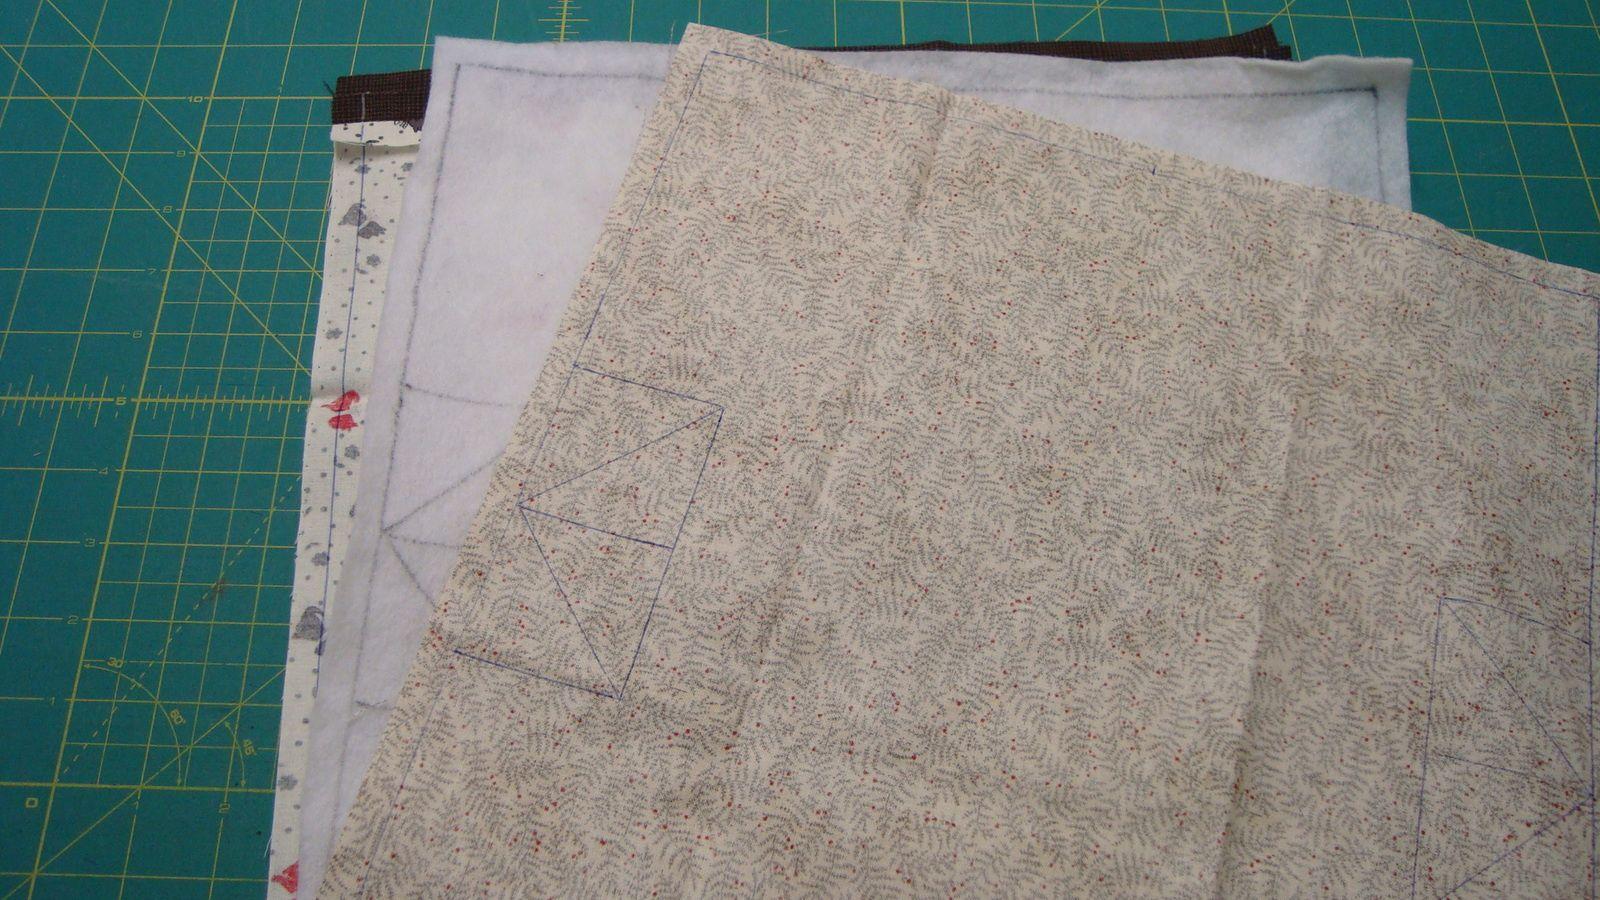 ici c'est le gabarit de la trousse U18 avec 1 cm de marge de couture